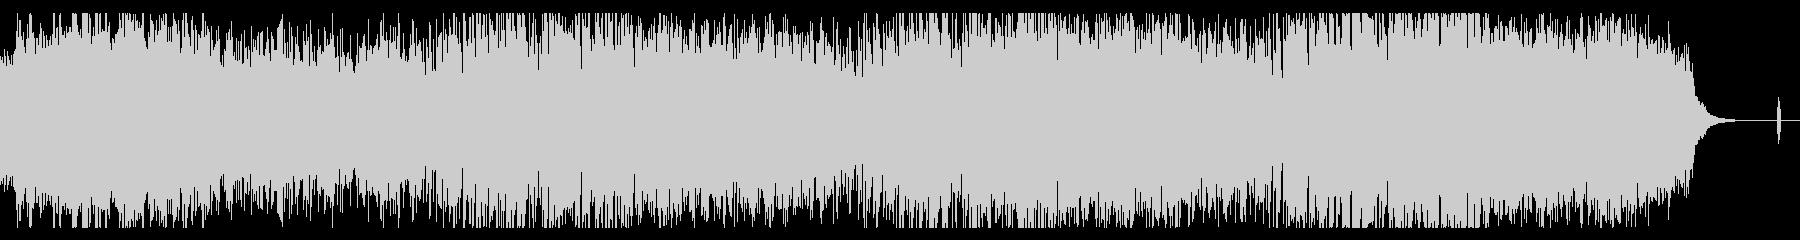 ダークなアンビエントテクスチャの未再生の波形